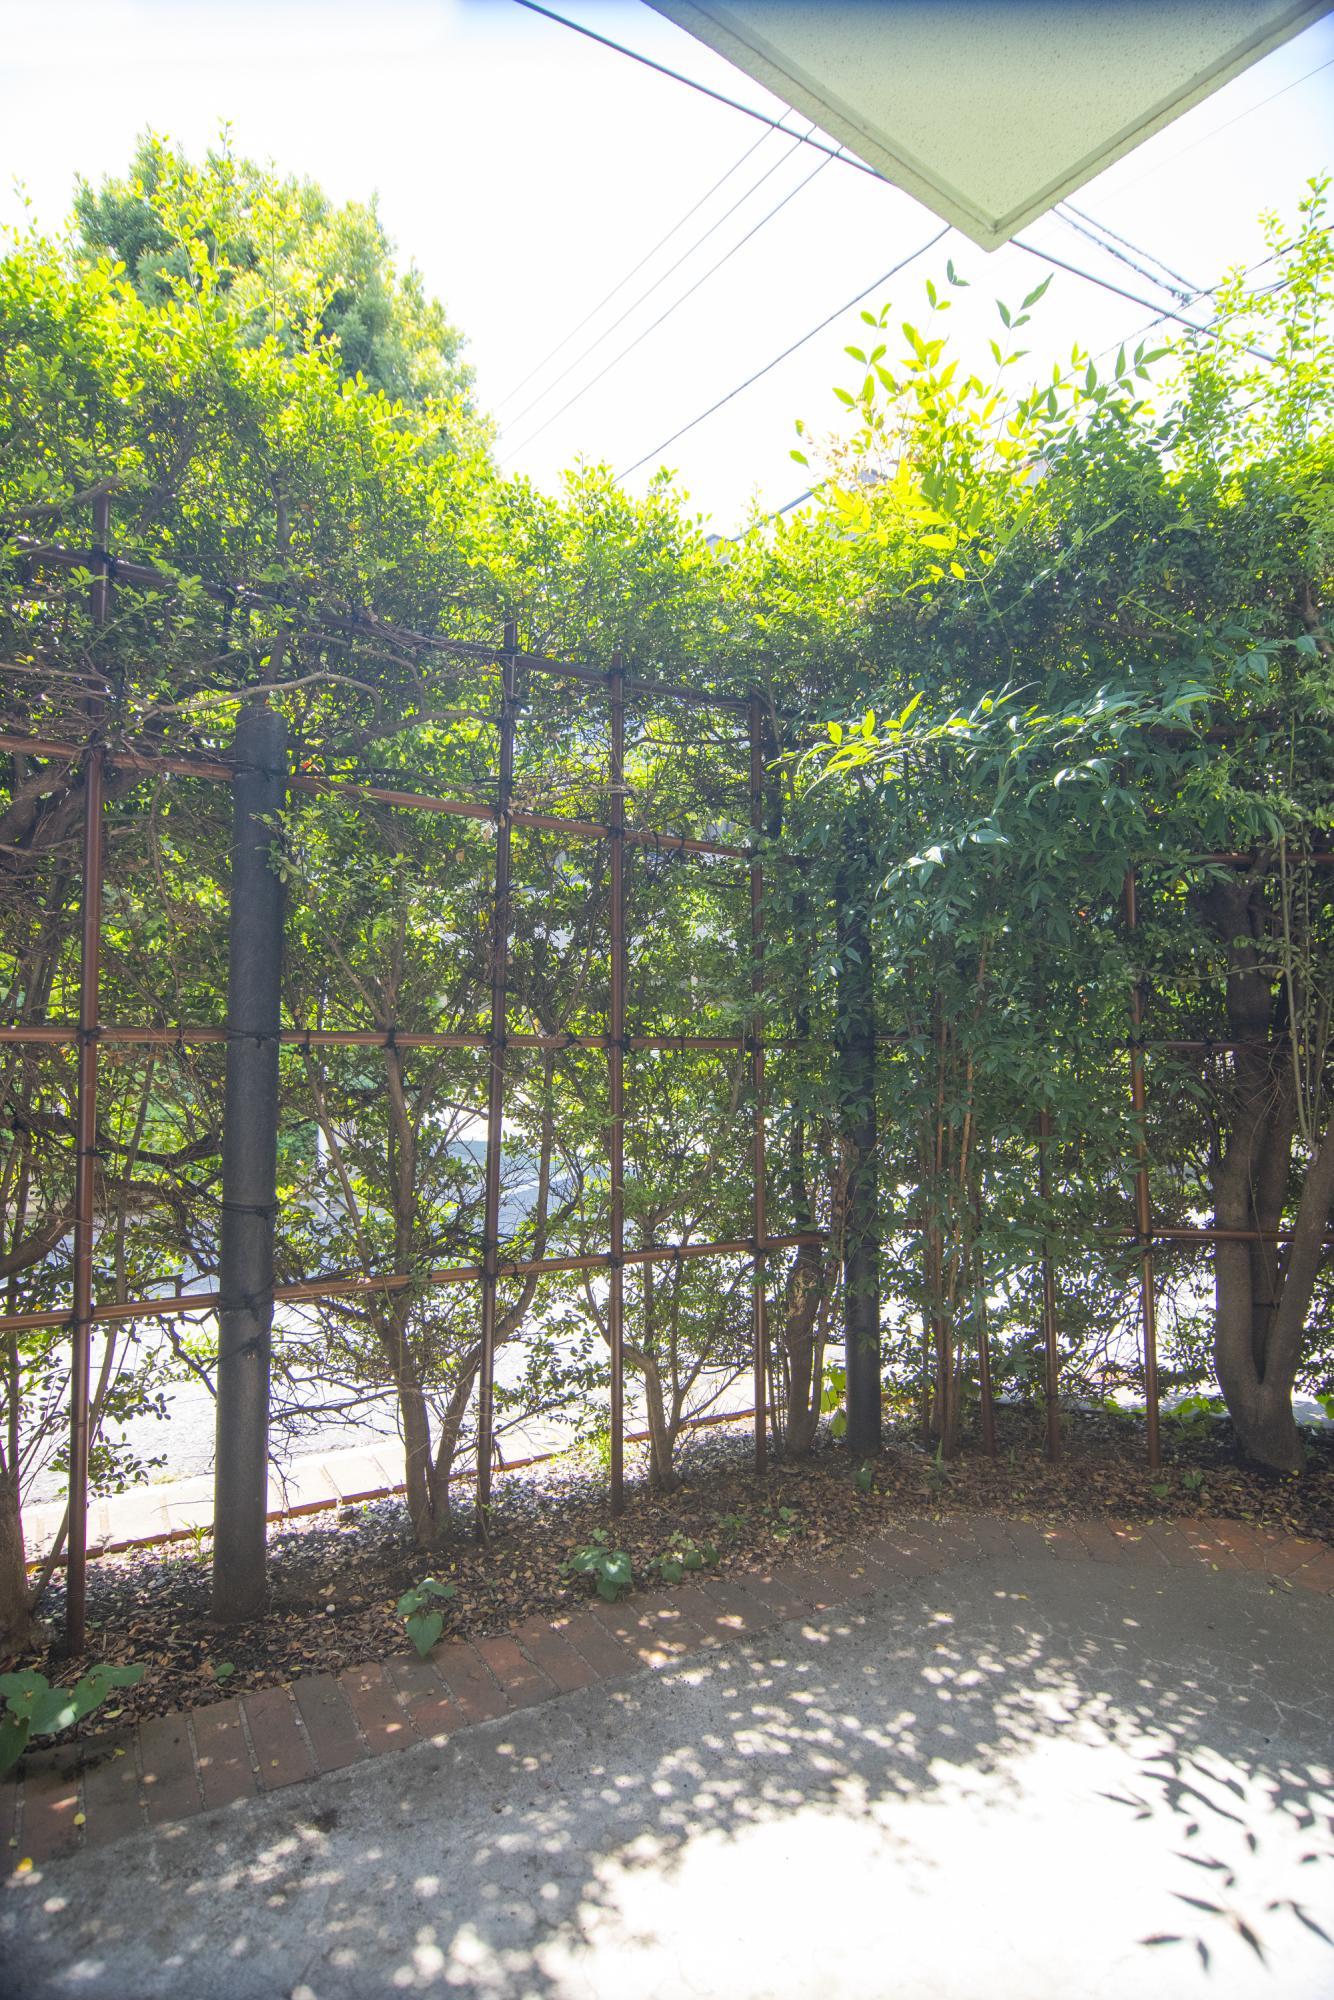 大きなお庭には垣根があるのでプライバシーもばっちり。